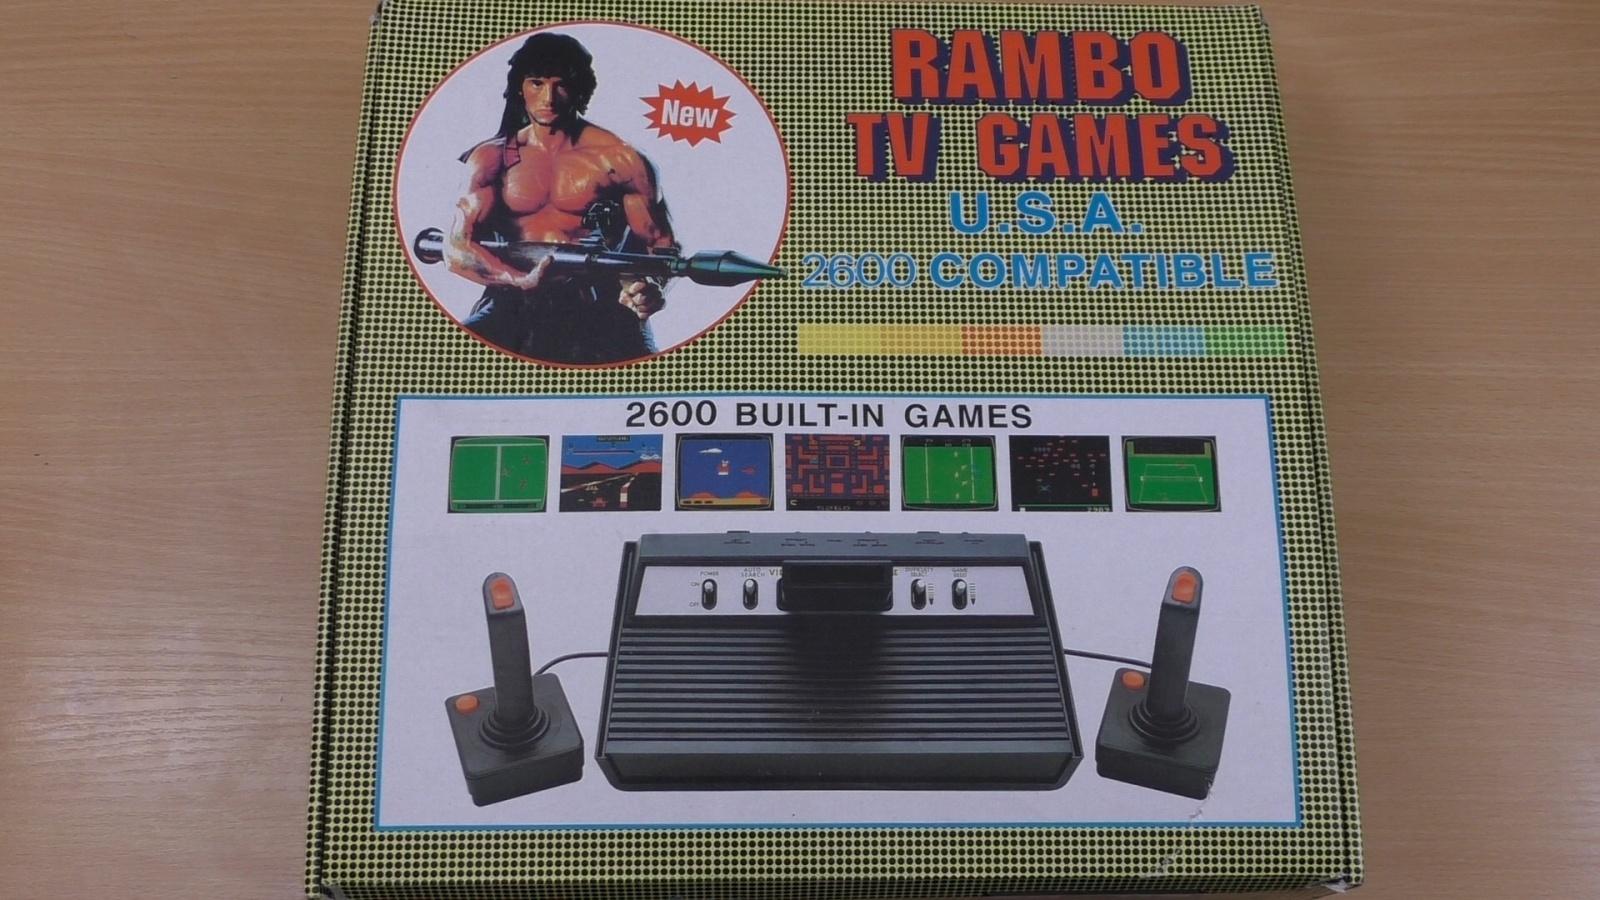 Rambo TV Games (Atari 2600) [статья с кучей фото и капелькой видео] - 4